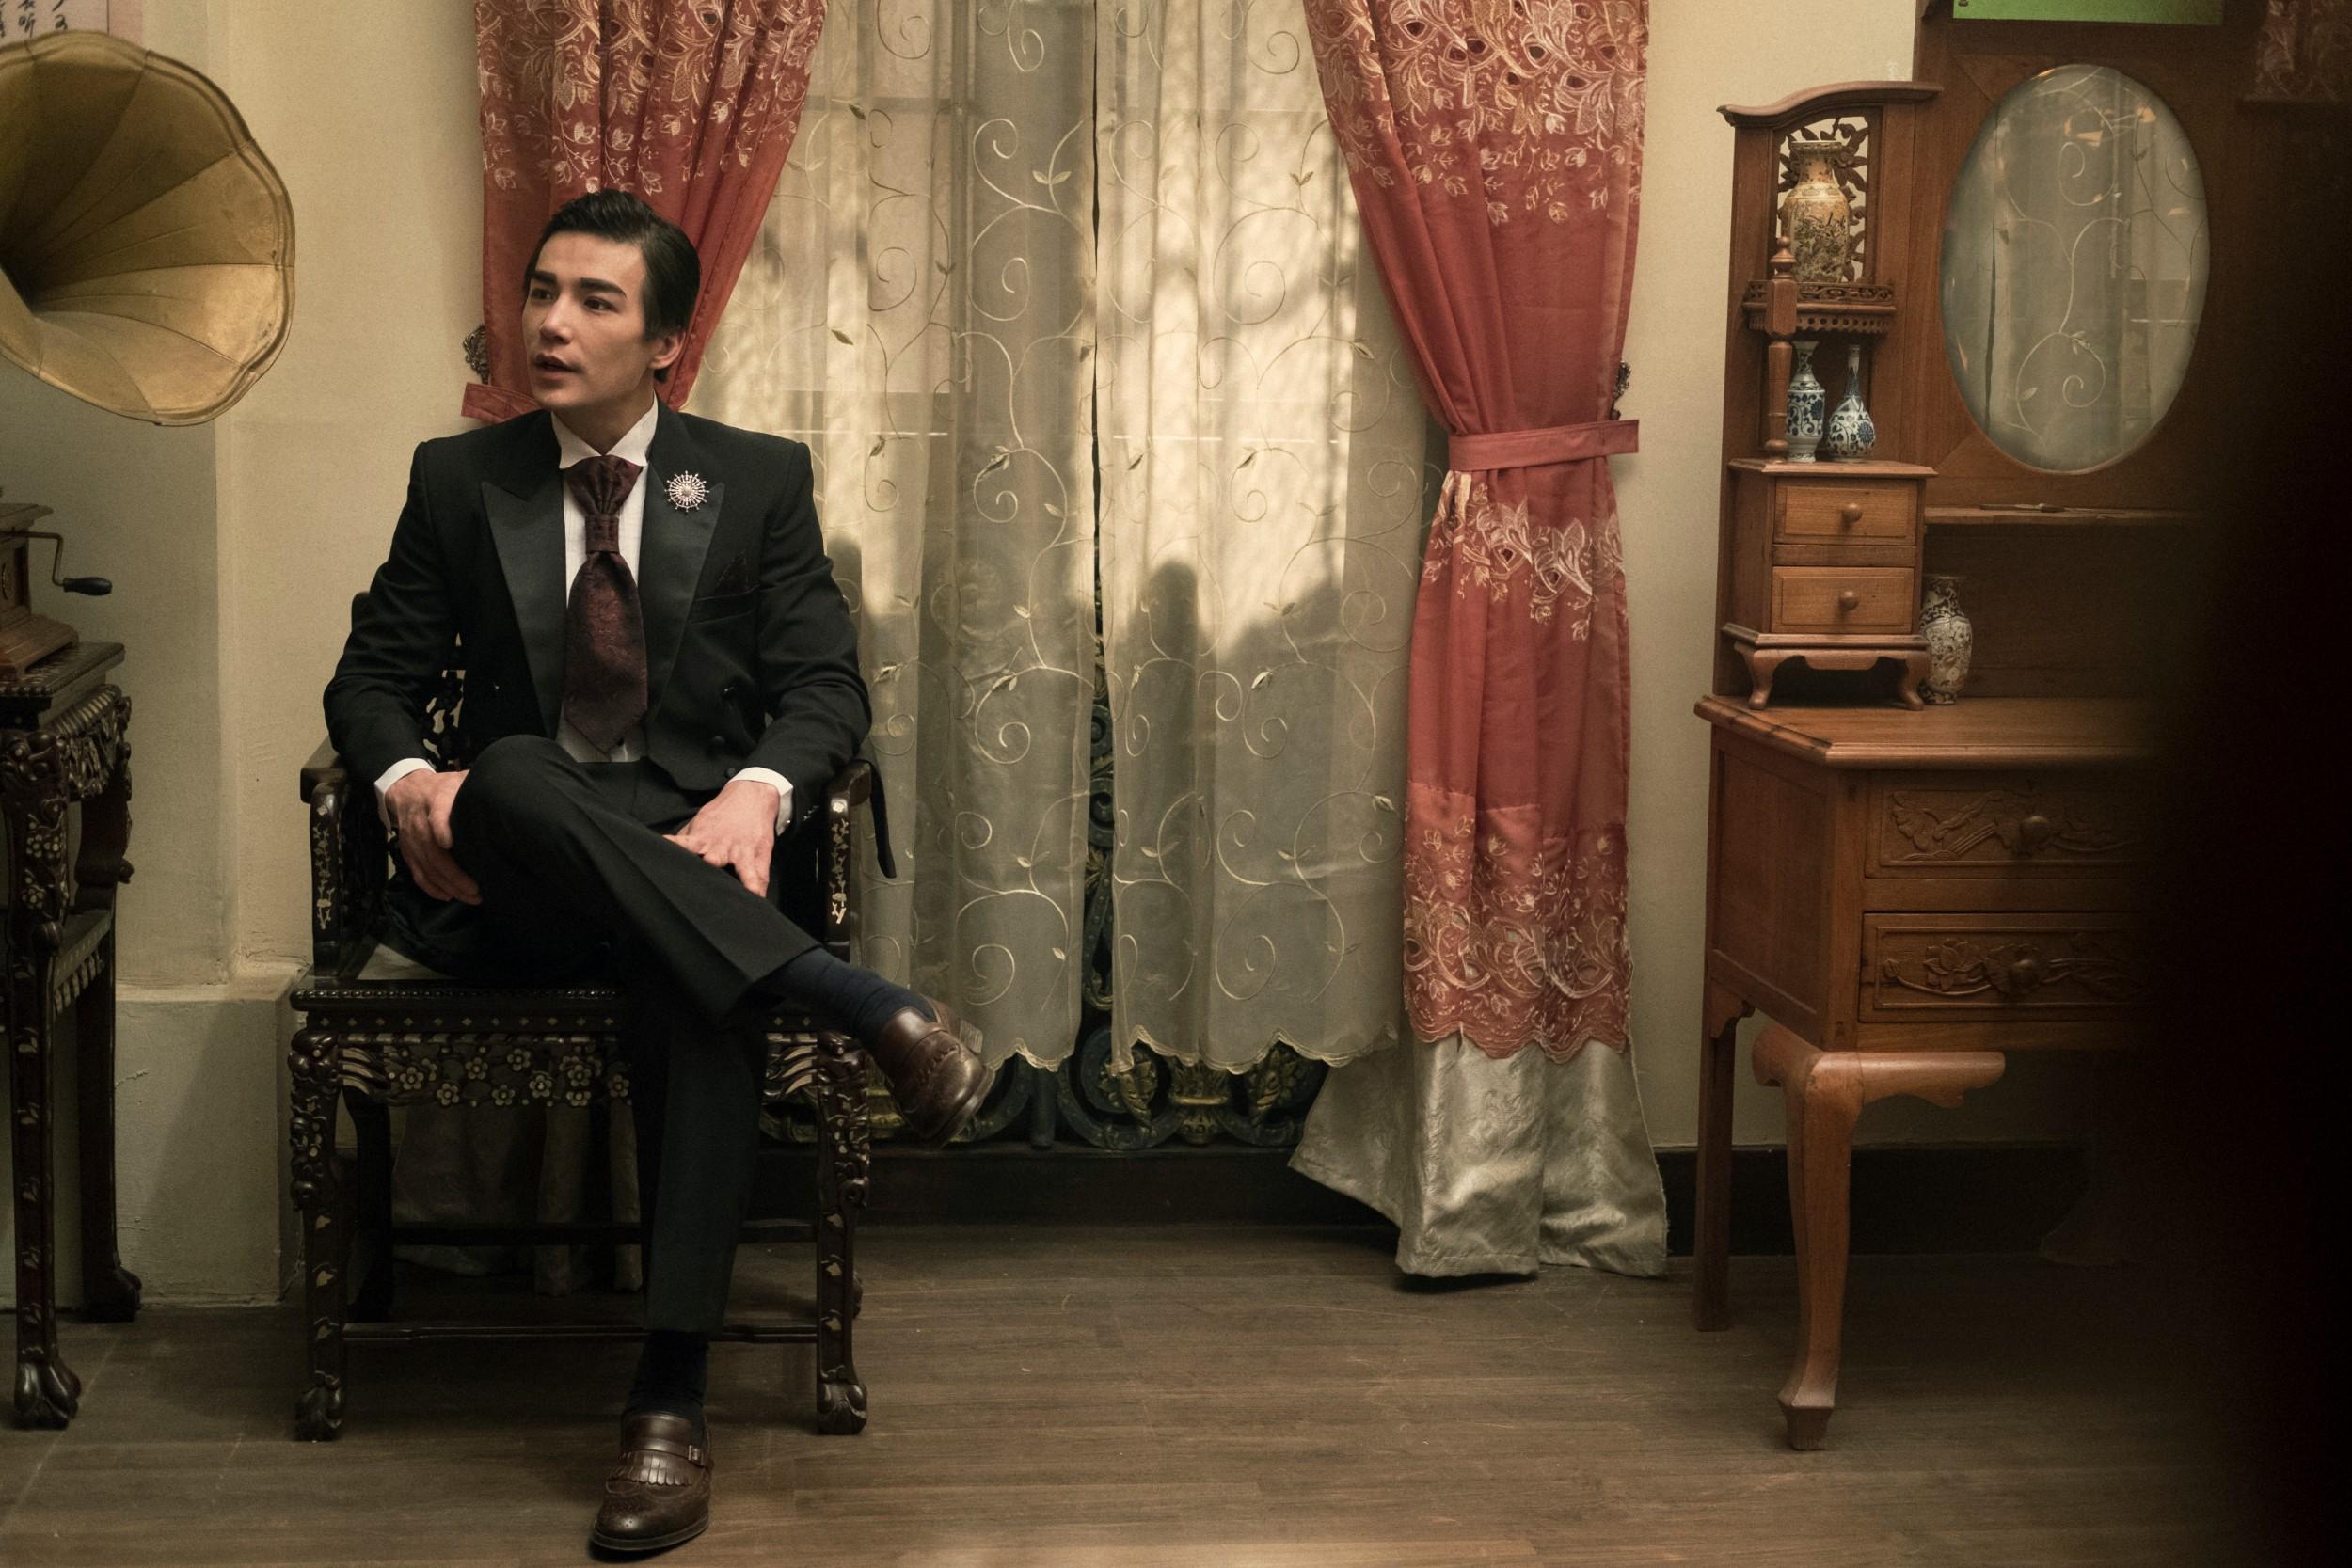 好萊塢新一代的華裔肌肉男神林路迪在《彼岸之嫁》中,刻意隱藏他的好身材,搖身海外留學歸國的白袍醫師